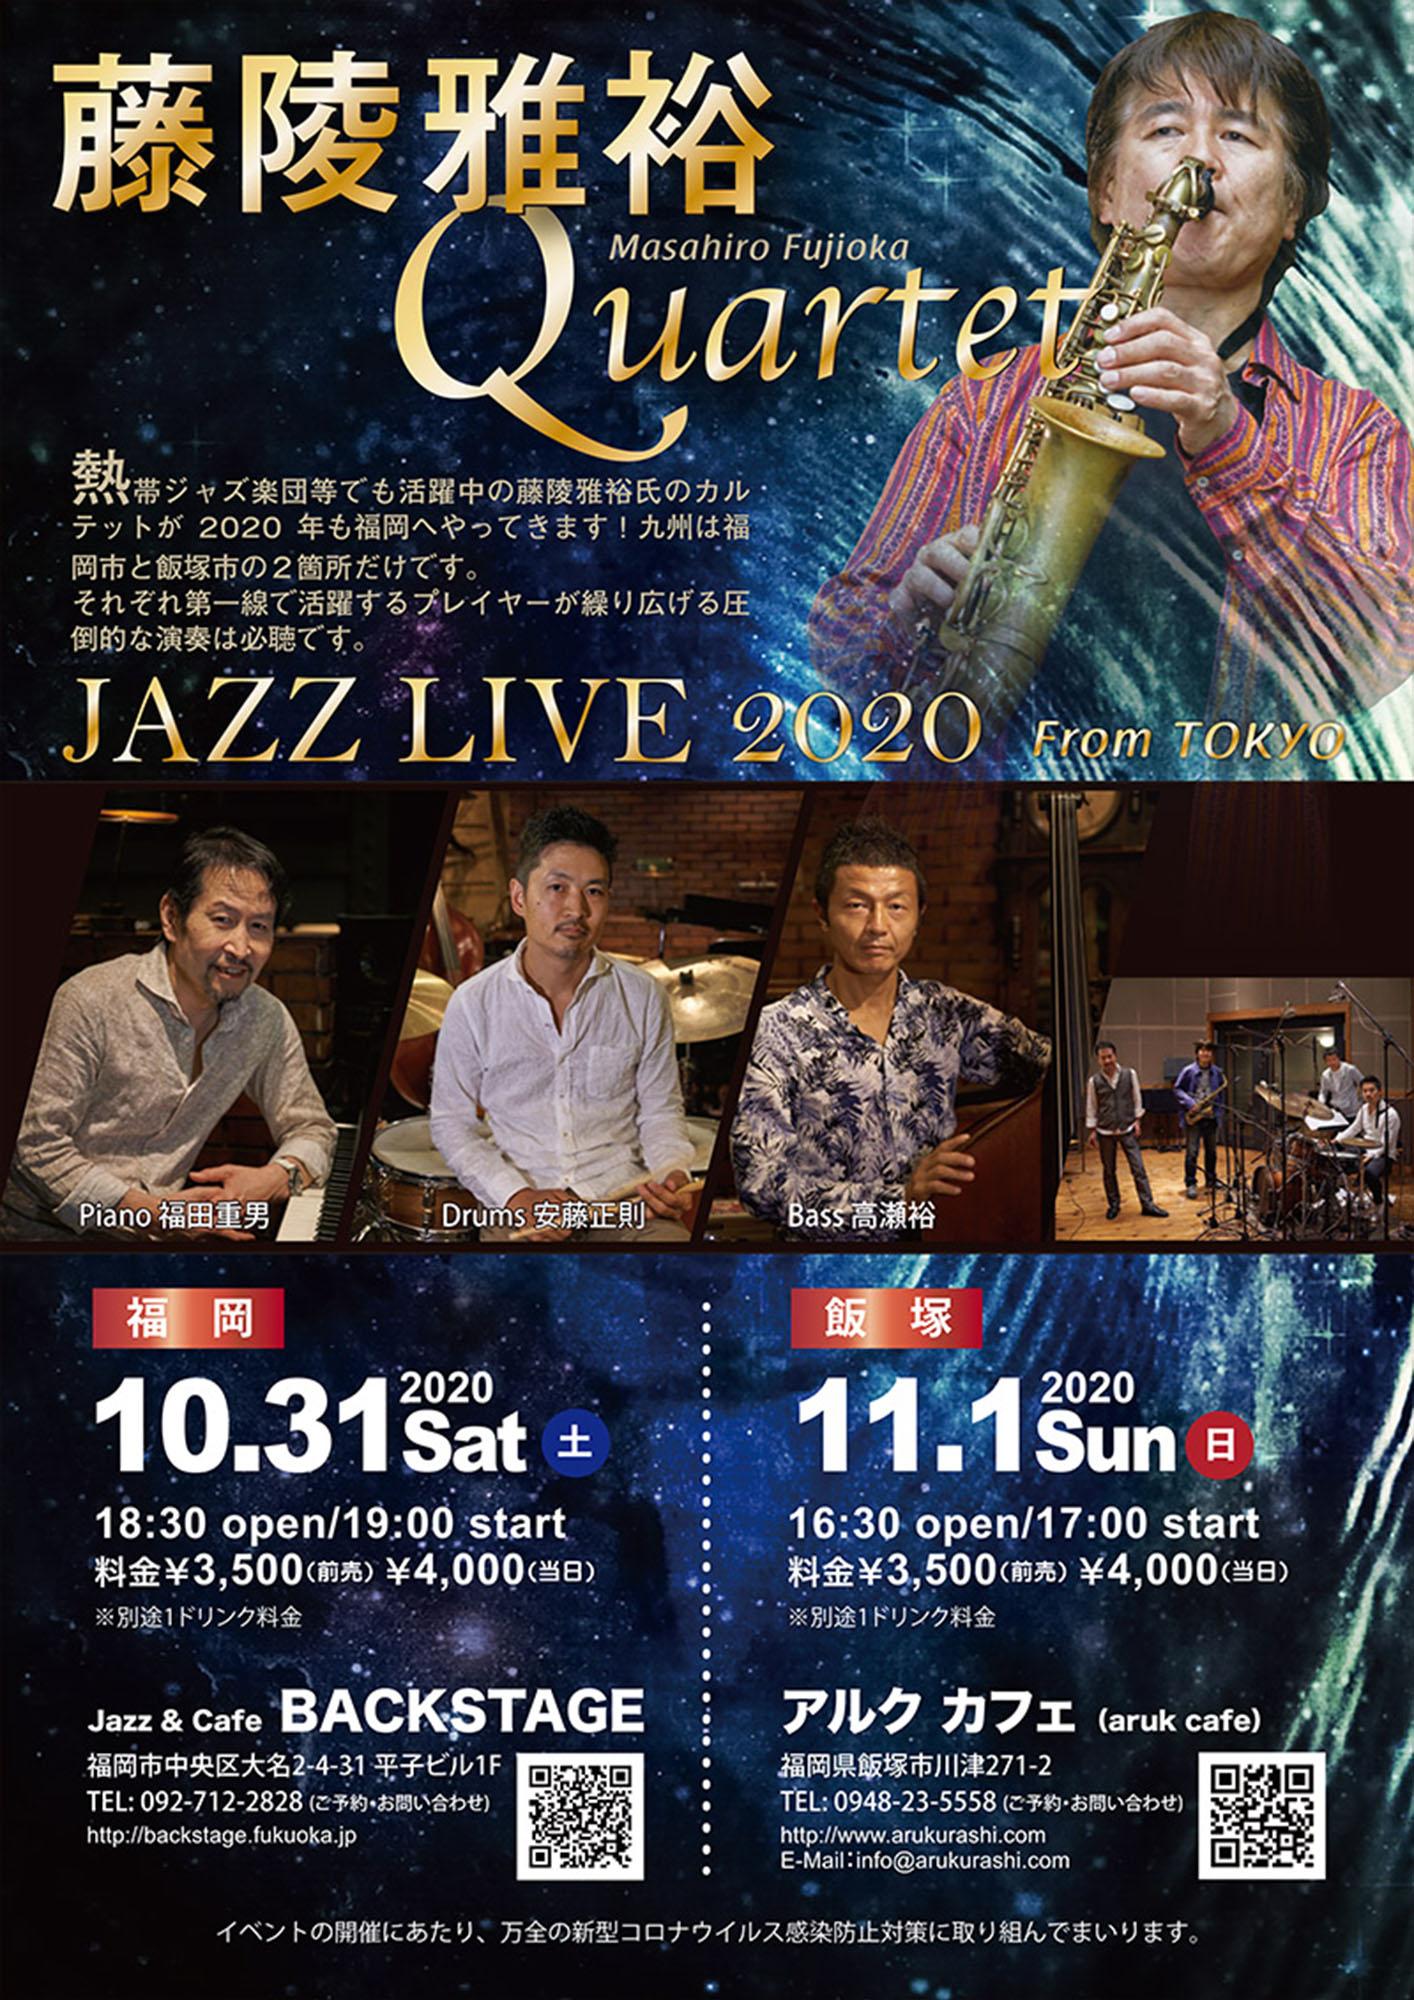 アルクカフェ 藤陵雅裕 QuartetJAZZ KIVE from TOKYO 2020